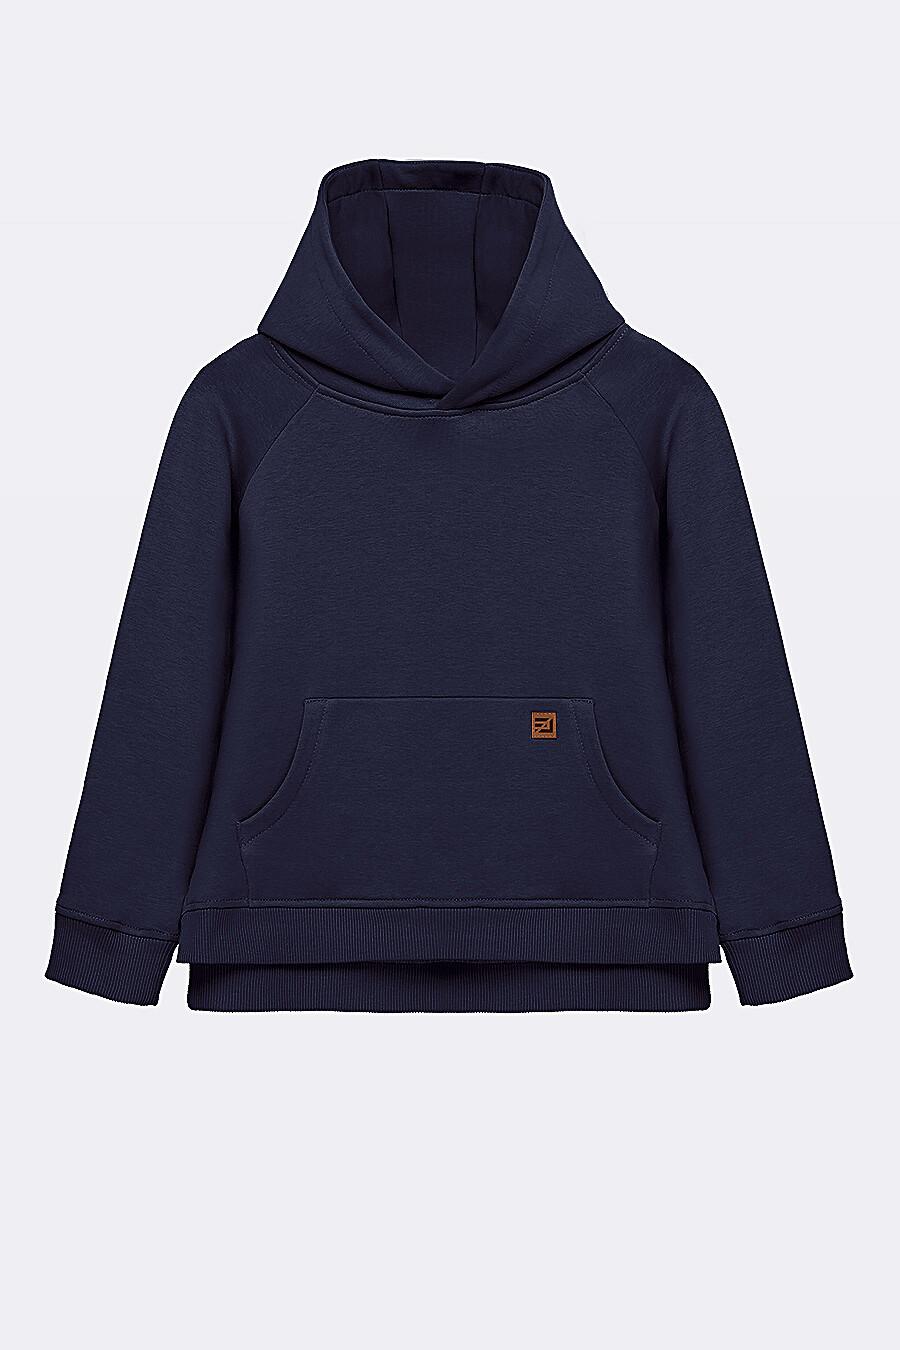 Худи для мальчиков EZANNA 682066 купить оптом от производителя. Совместная покупка детской одежды в OptMoyo